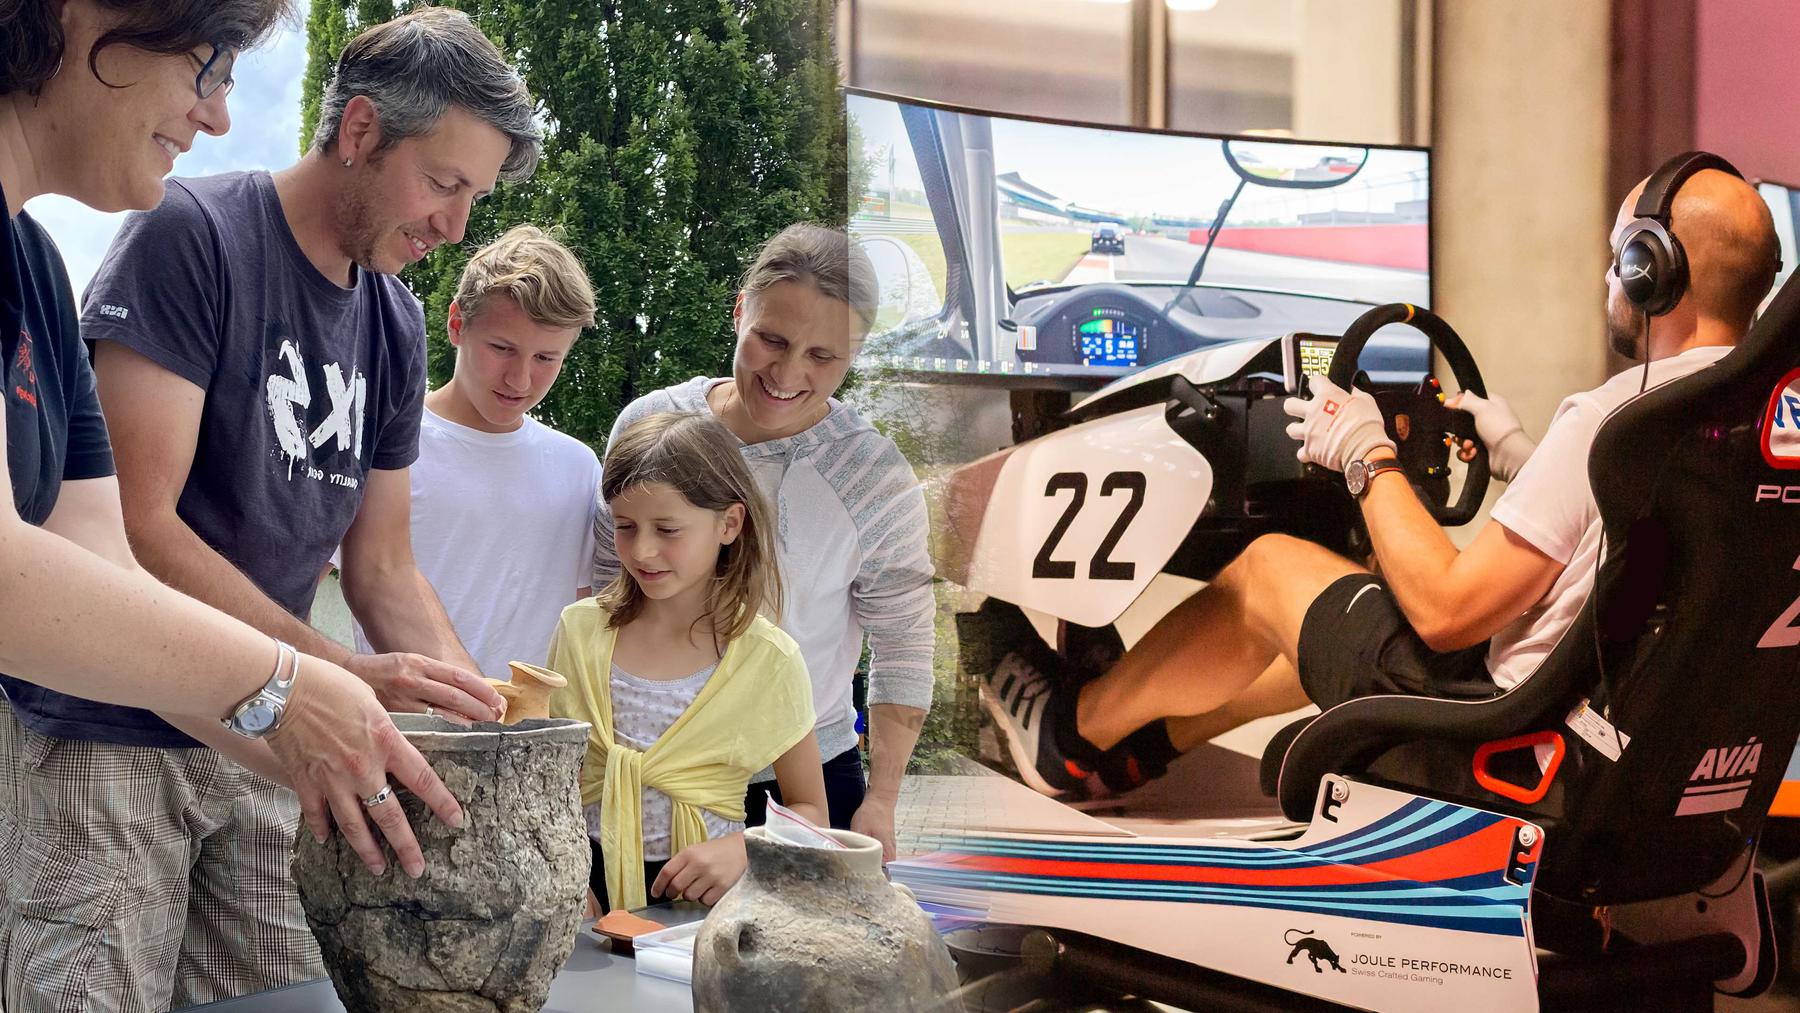 Archäologie und autovirtuelle Rennen - das kannst du an diesem Wochenende unternehmen.